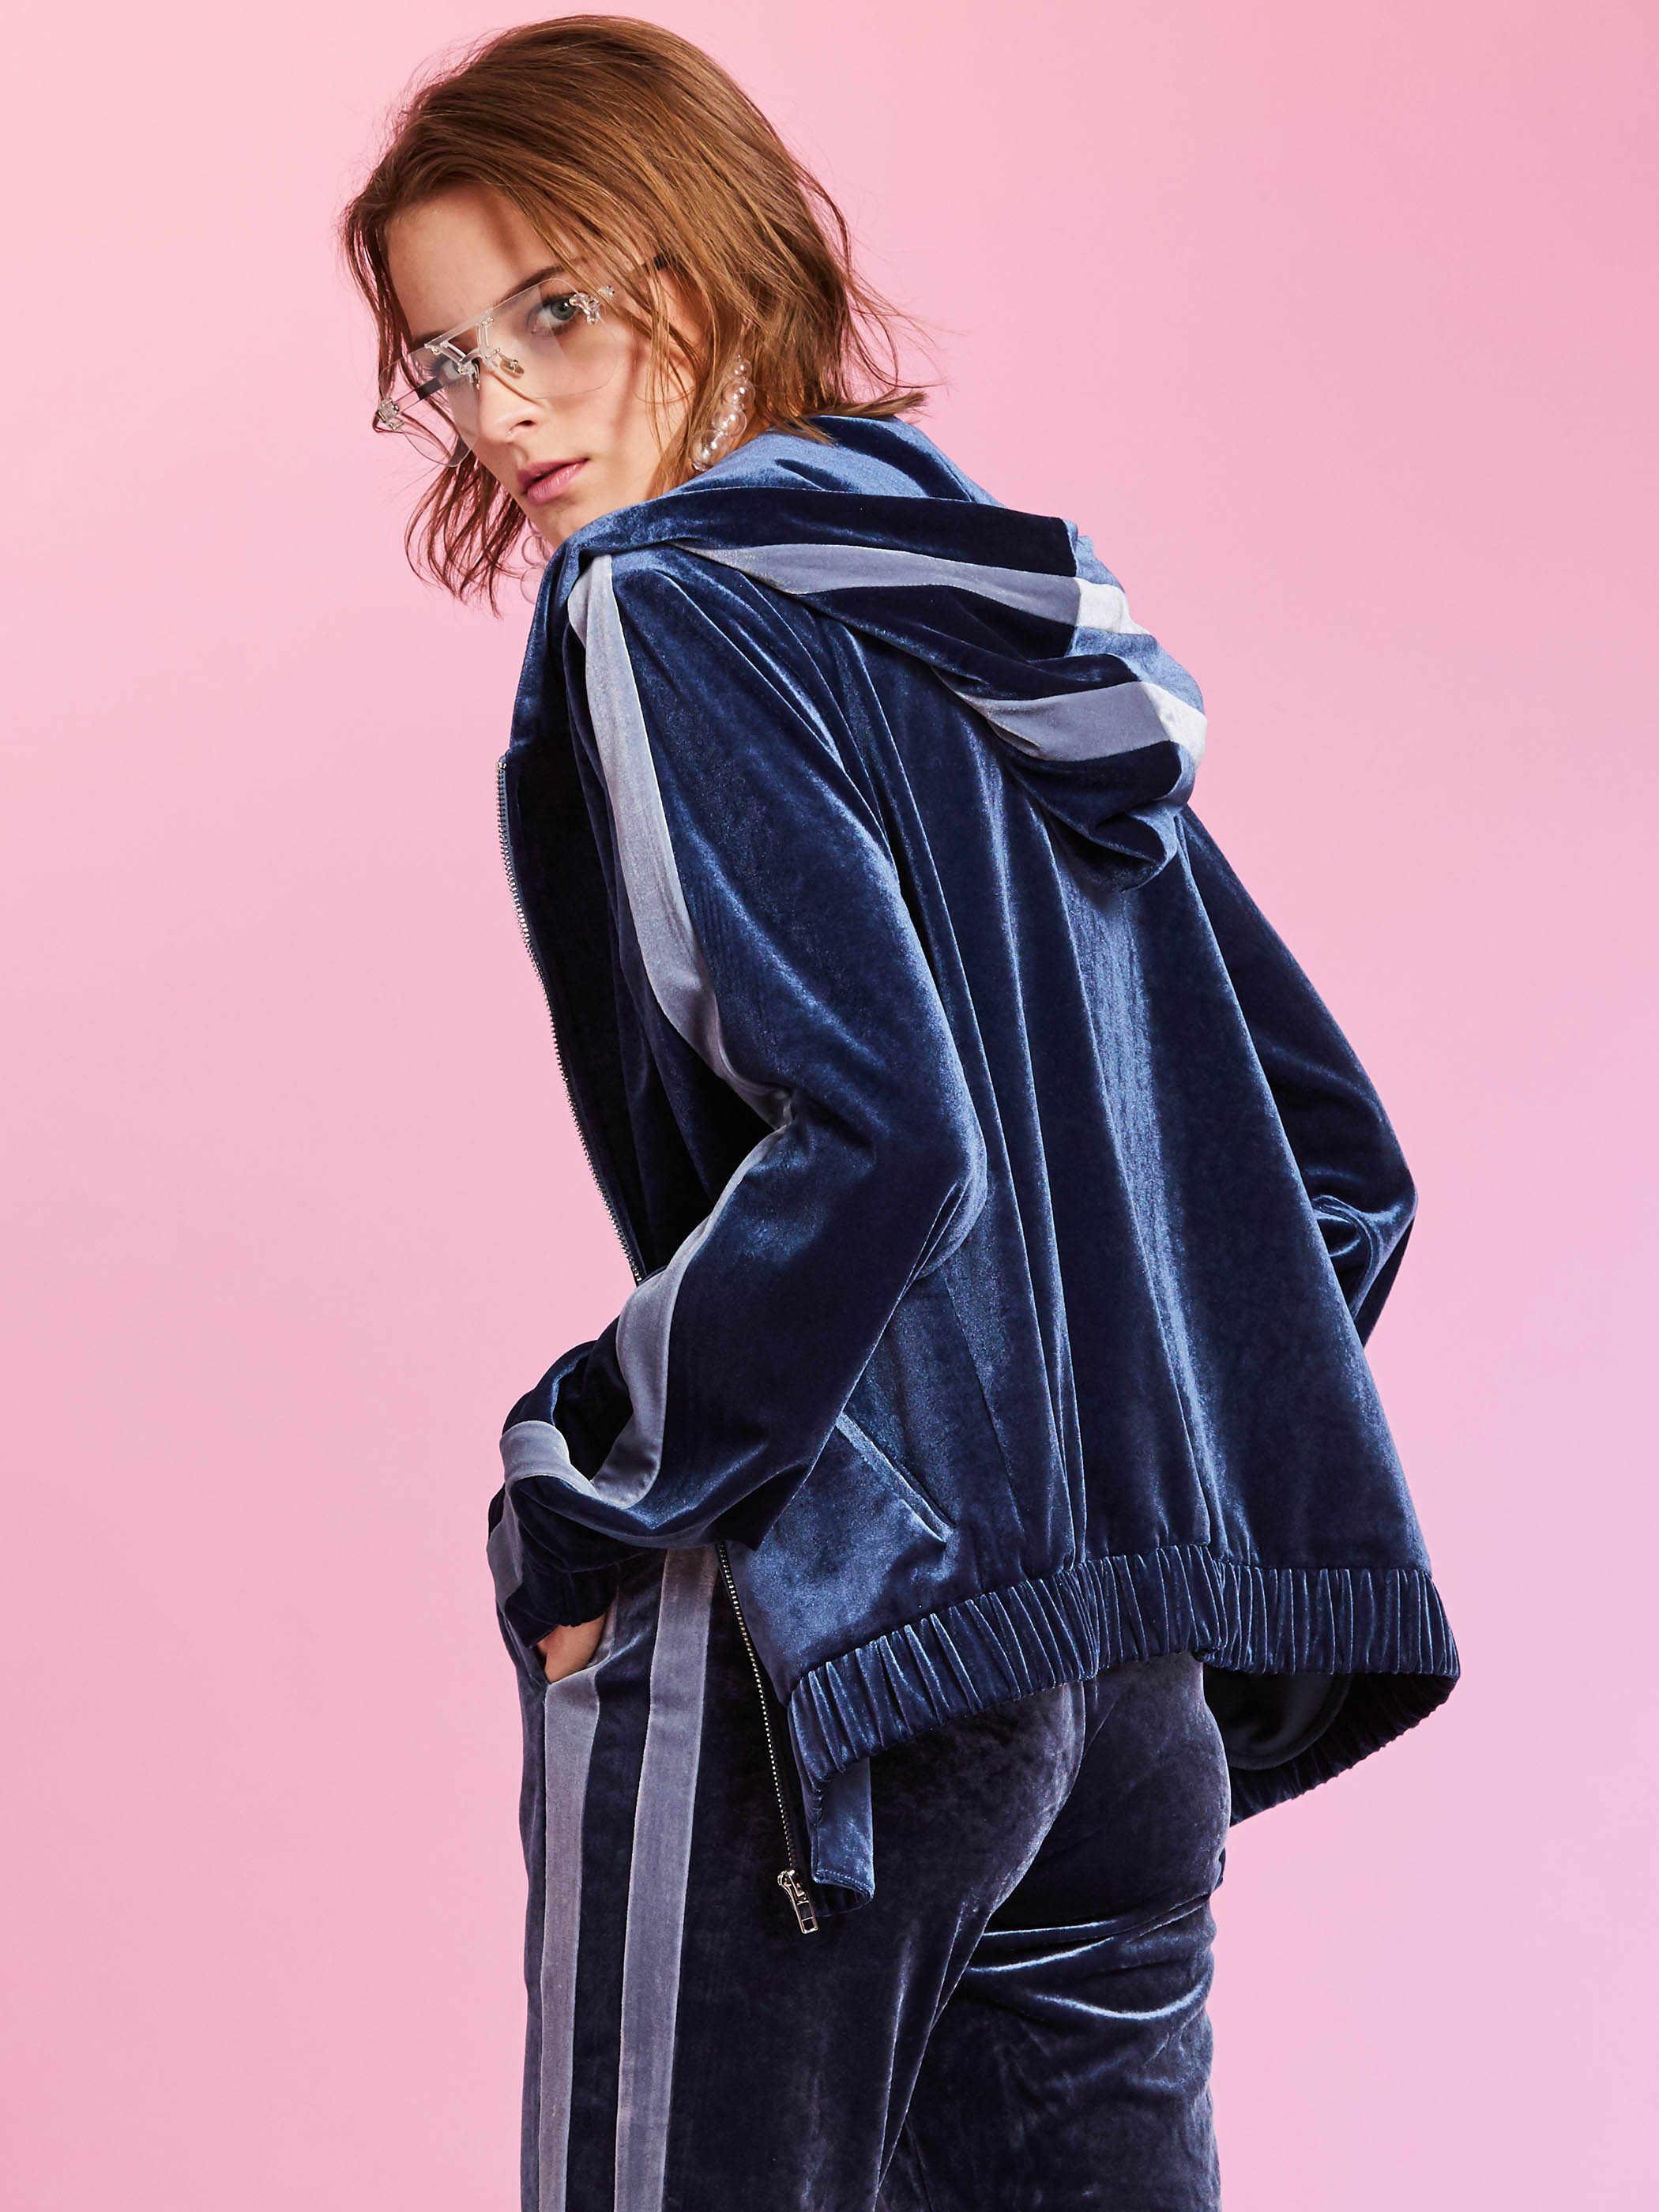 Loose Hooded Jacket Women Autumn Dark Blue Plain Zipper Patchwork Thin Hoody Sweatshirt Casual Long Sleeves Streetwear Outwear